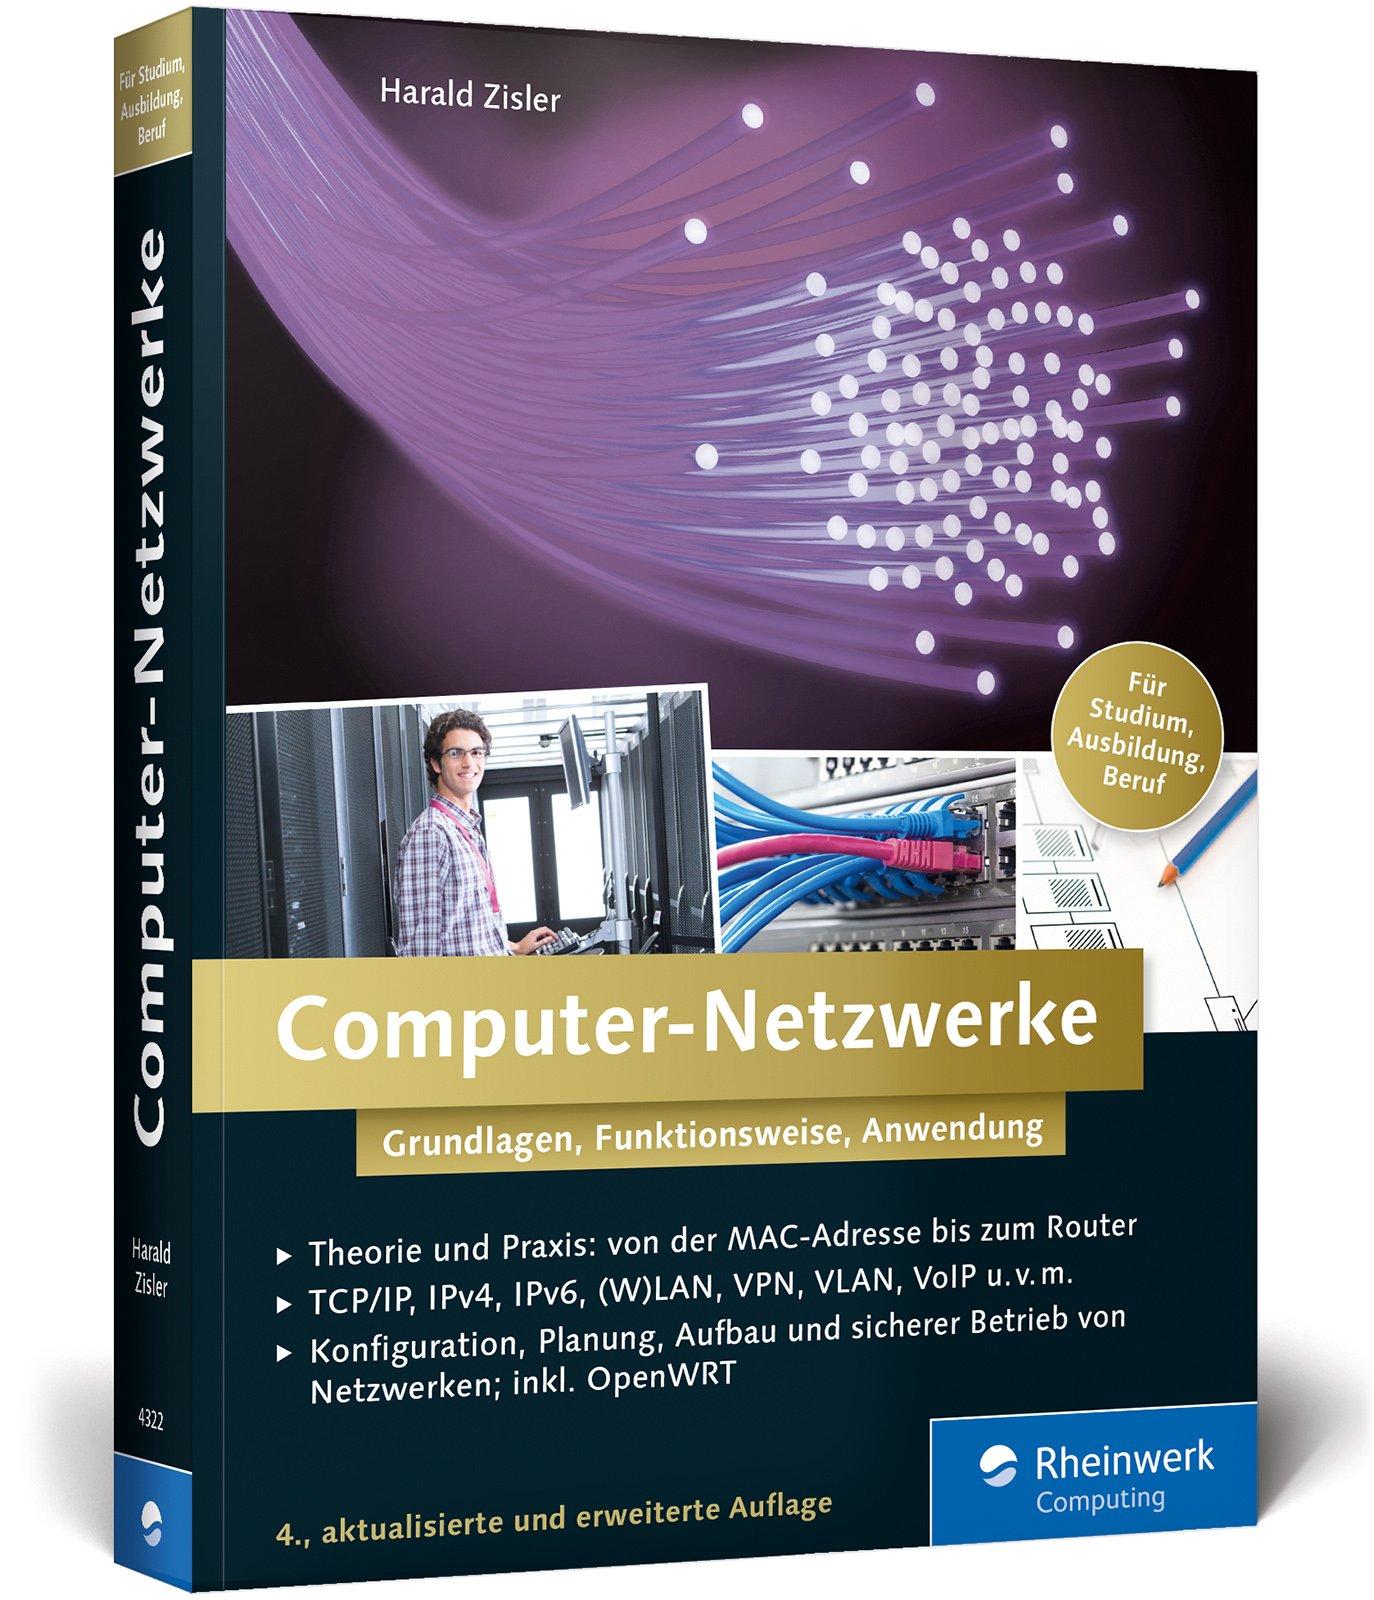 Computer-Netzwerke: Grundlagen, Funktionsweisen, Anwendung. Für Studium, Ausbildung und Beruf